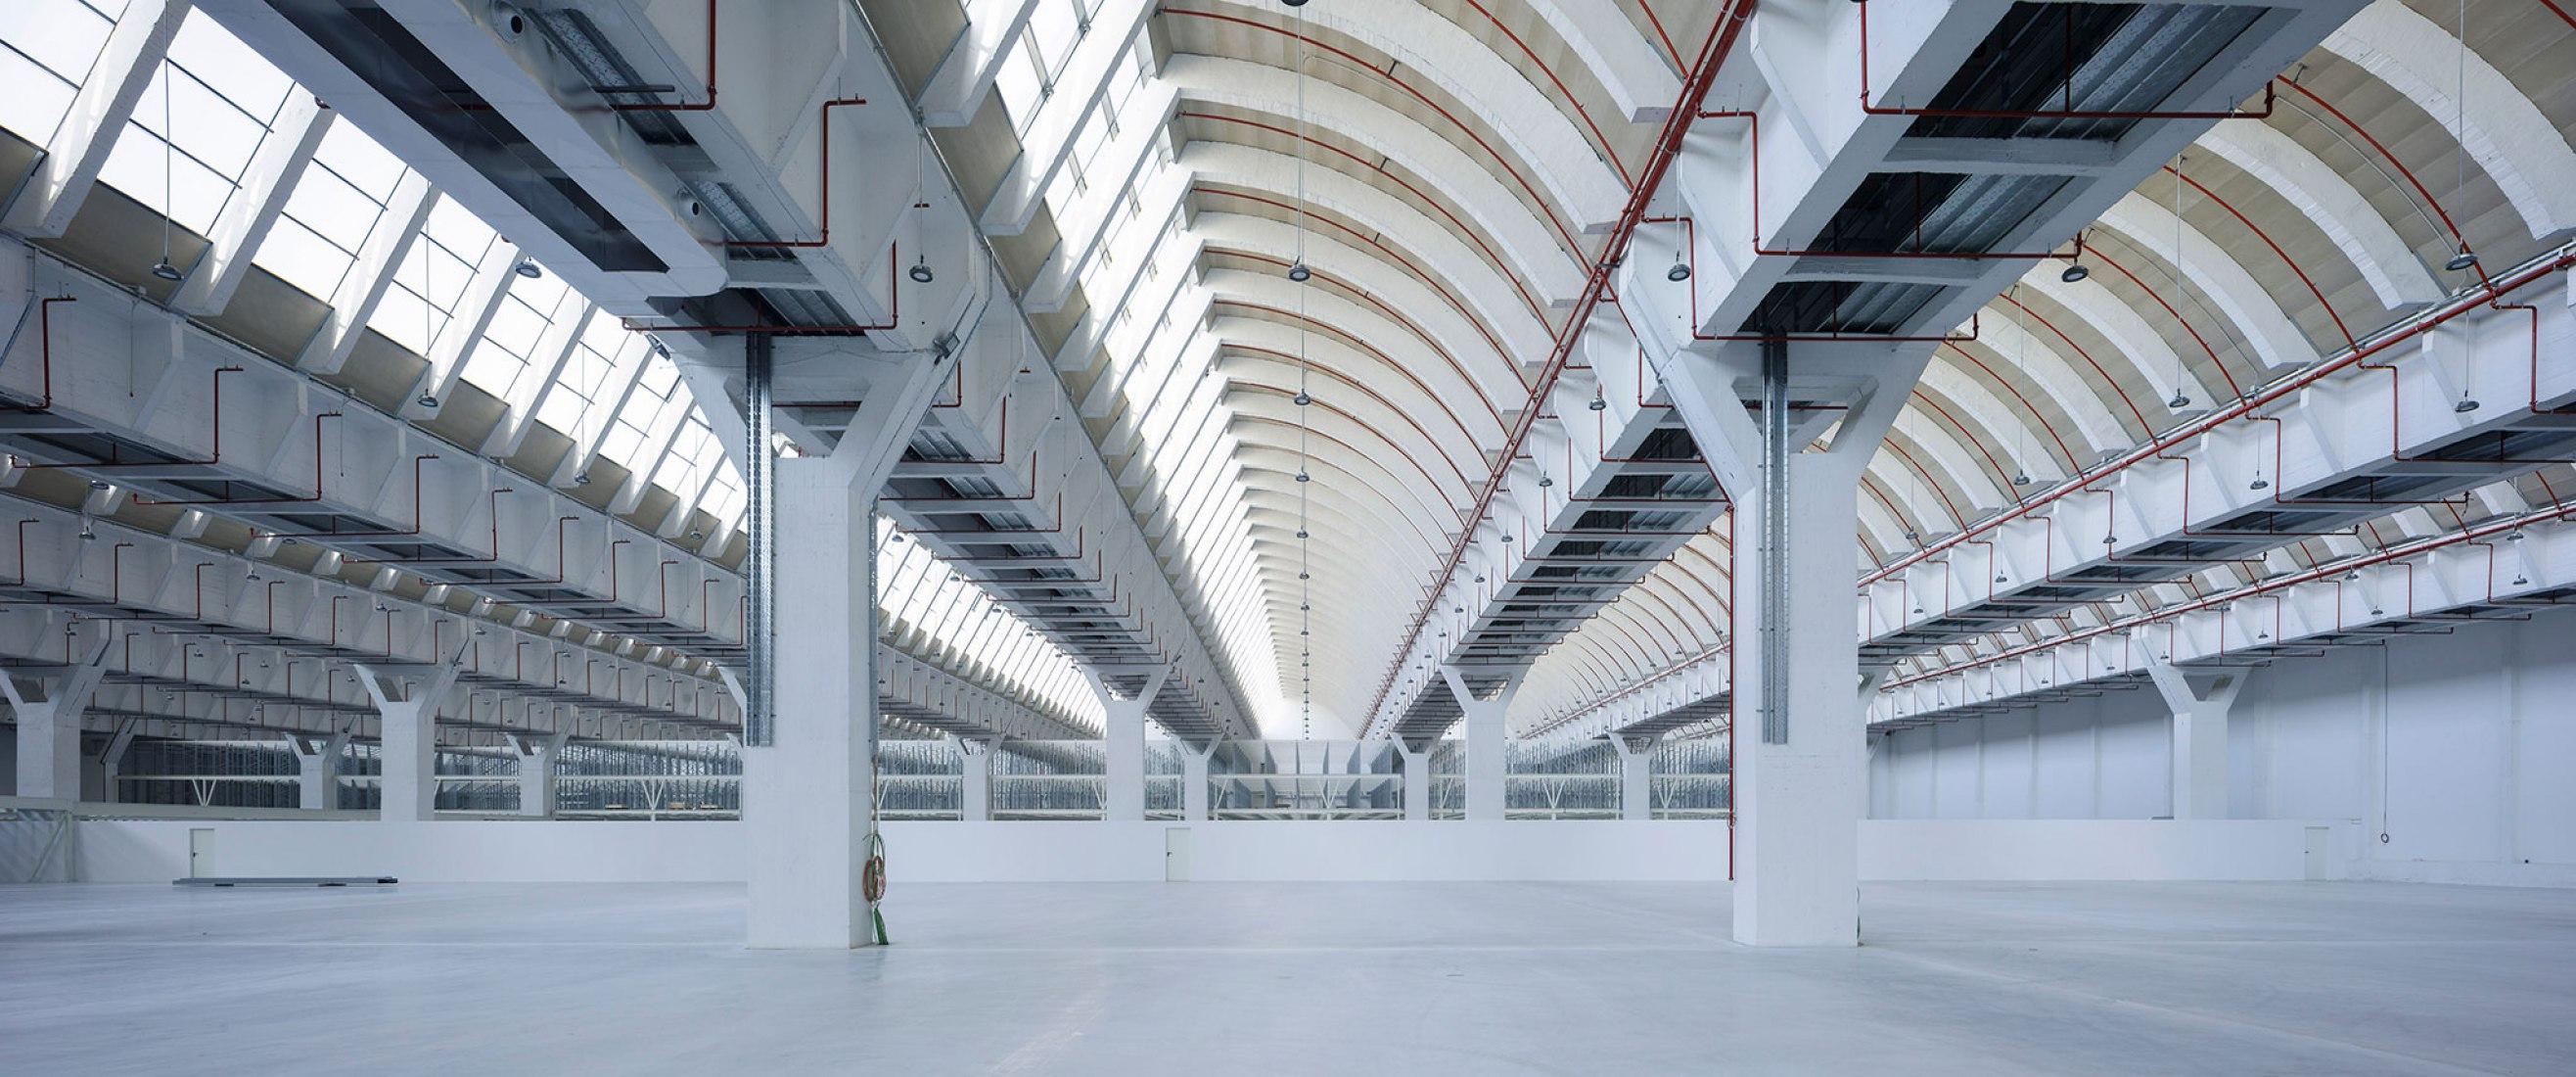 Rehabilitación de la fábrica Intelhorce de Málaga por System Arquitectura. Fotografía por Fernando Alda